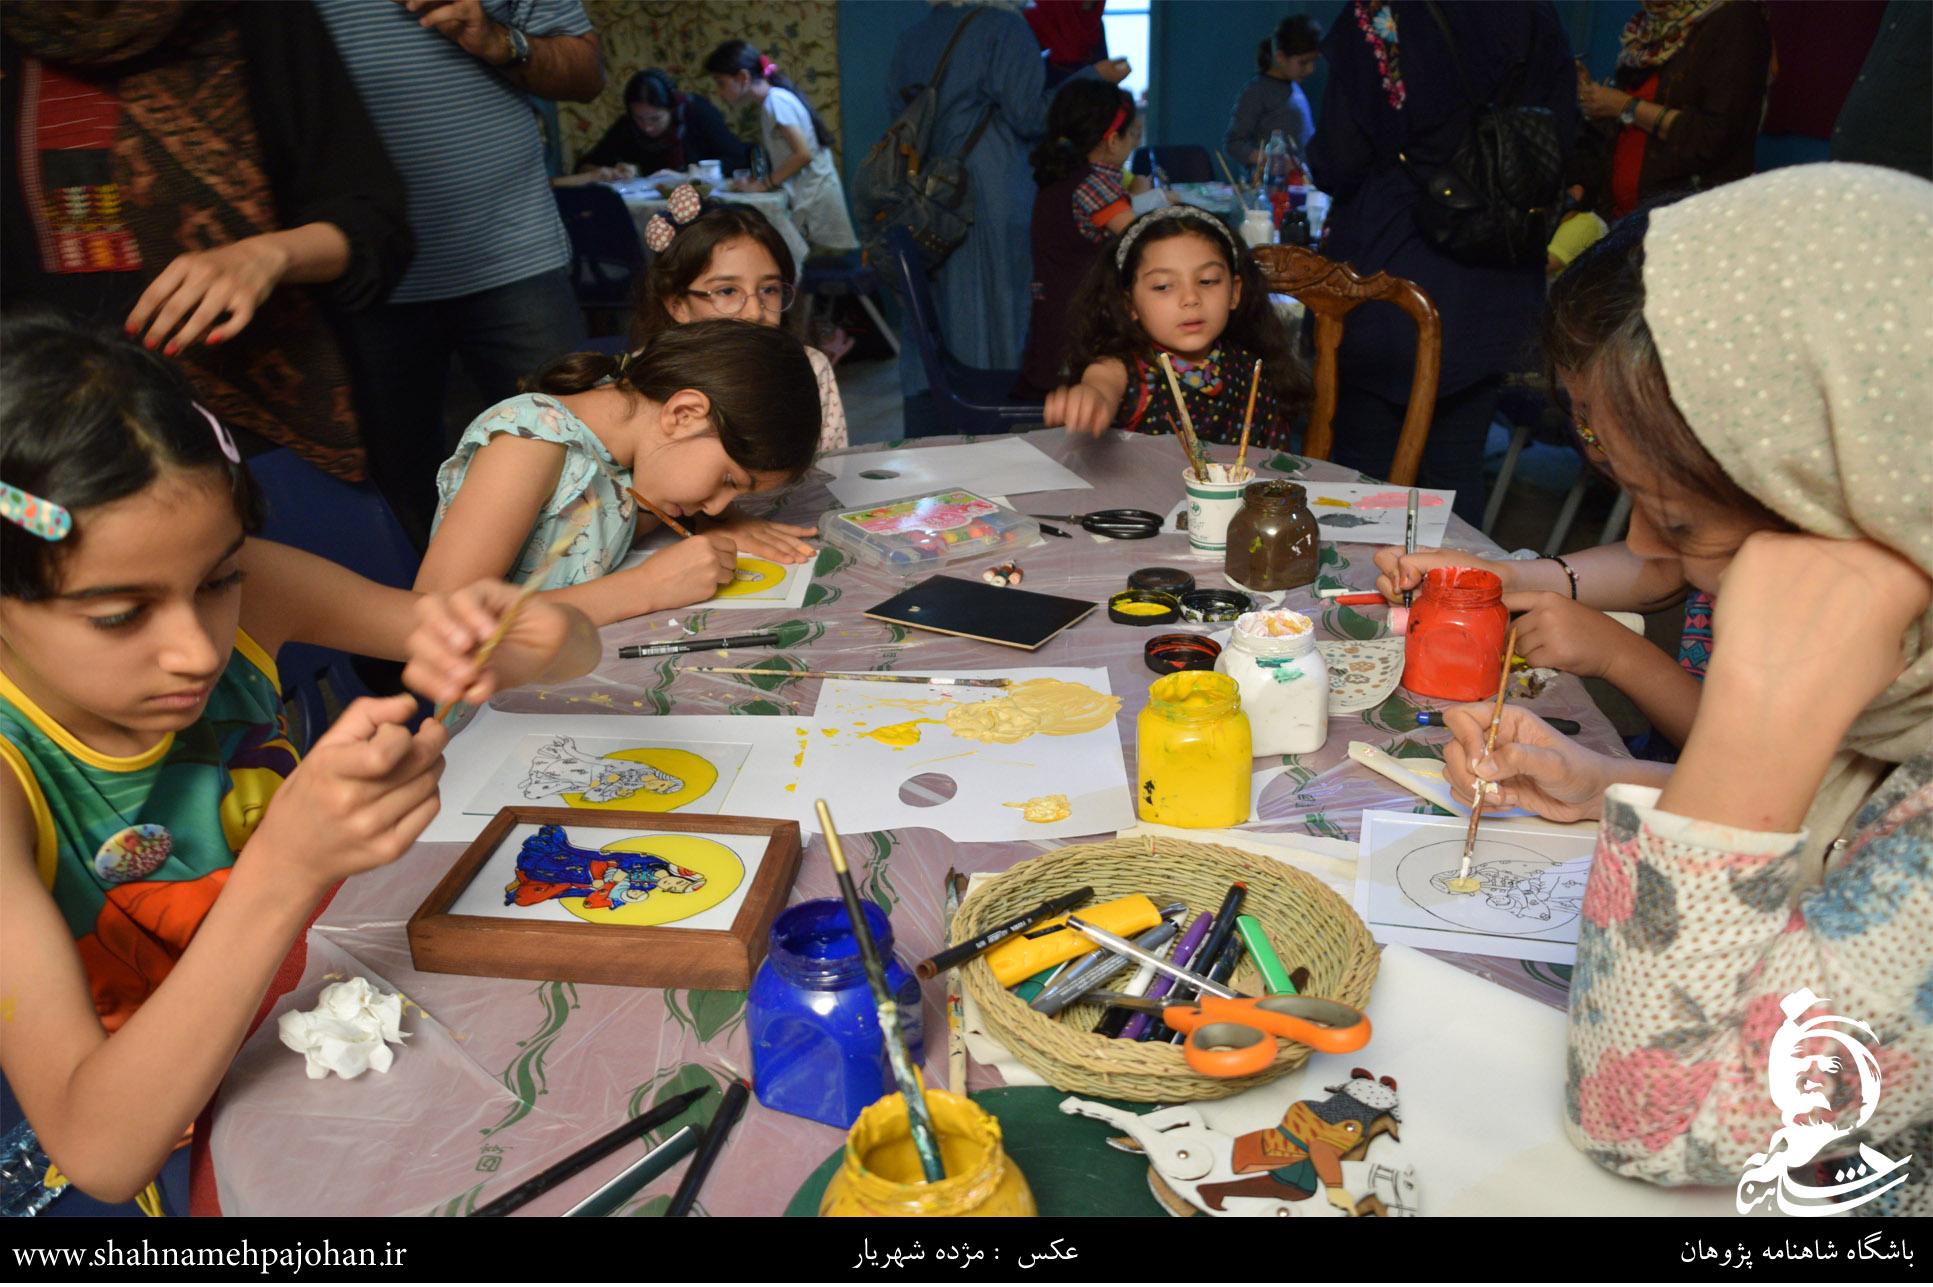 کارگاه ساخت عروسک های شاهنامه در موزه عروسک های ملل